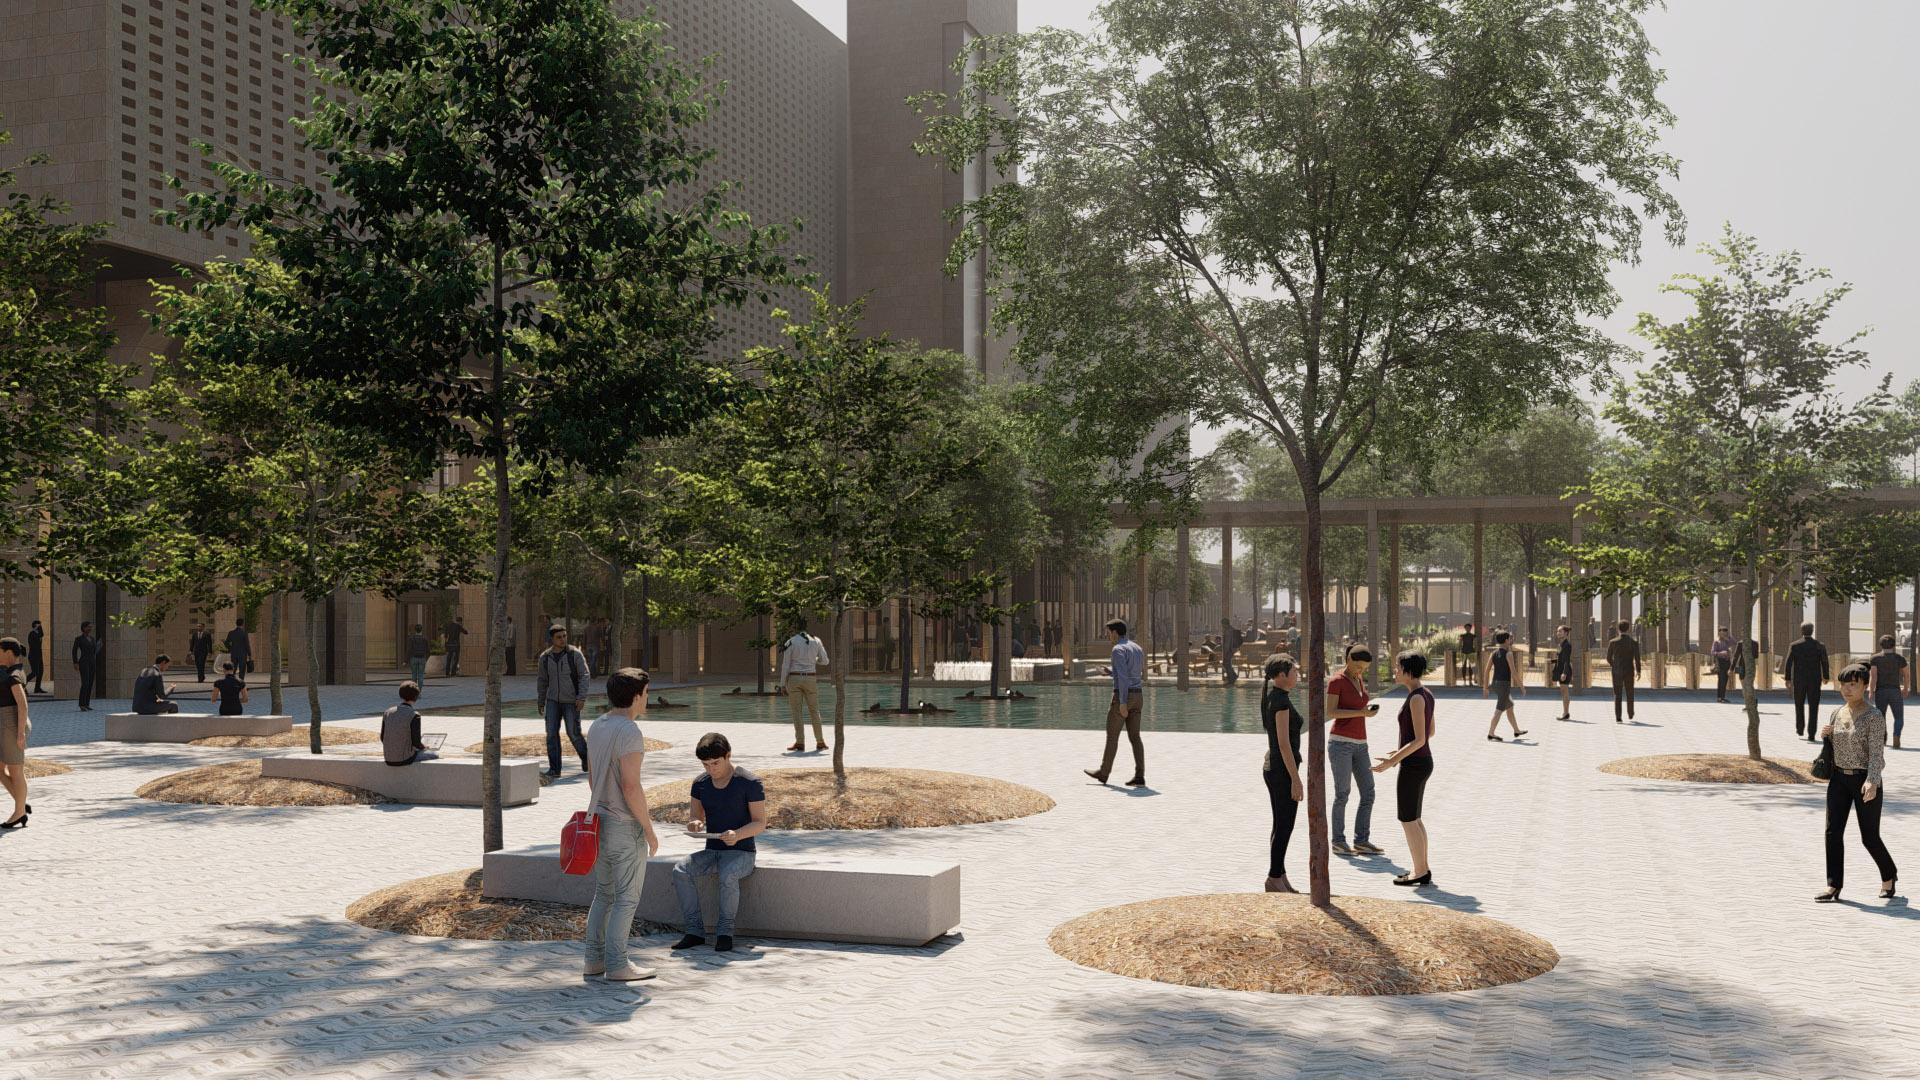 Ağaç Altı Oturma Birimleri ve Süs Havuzu